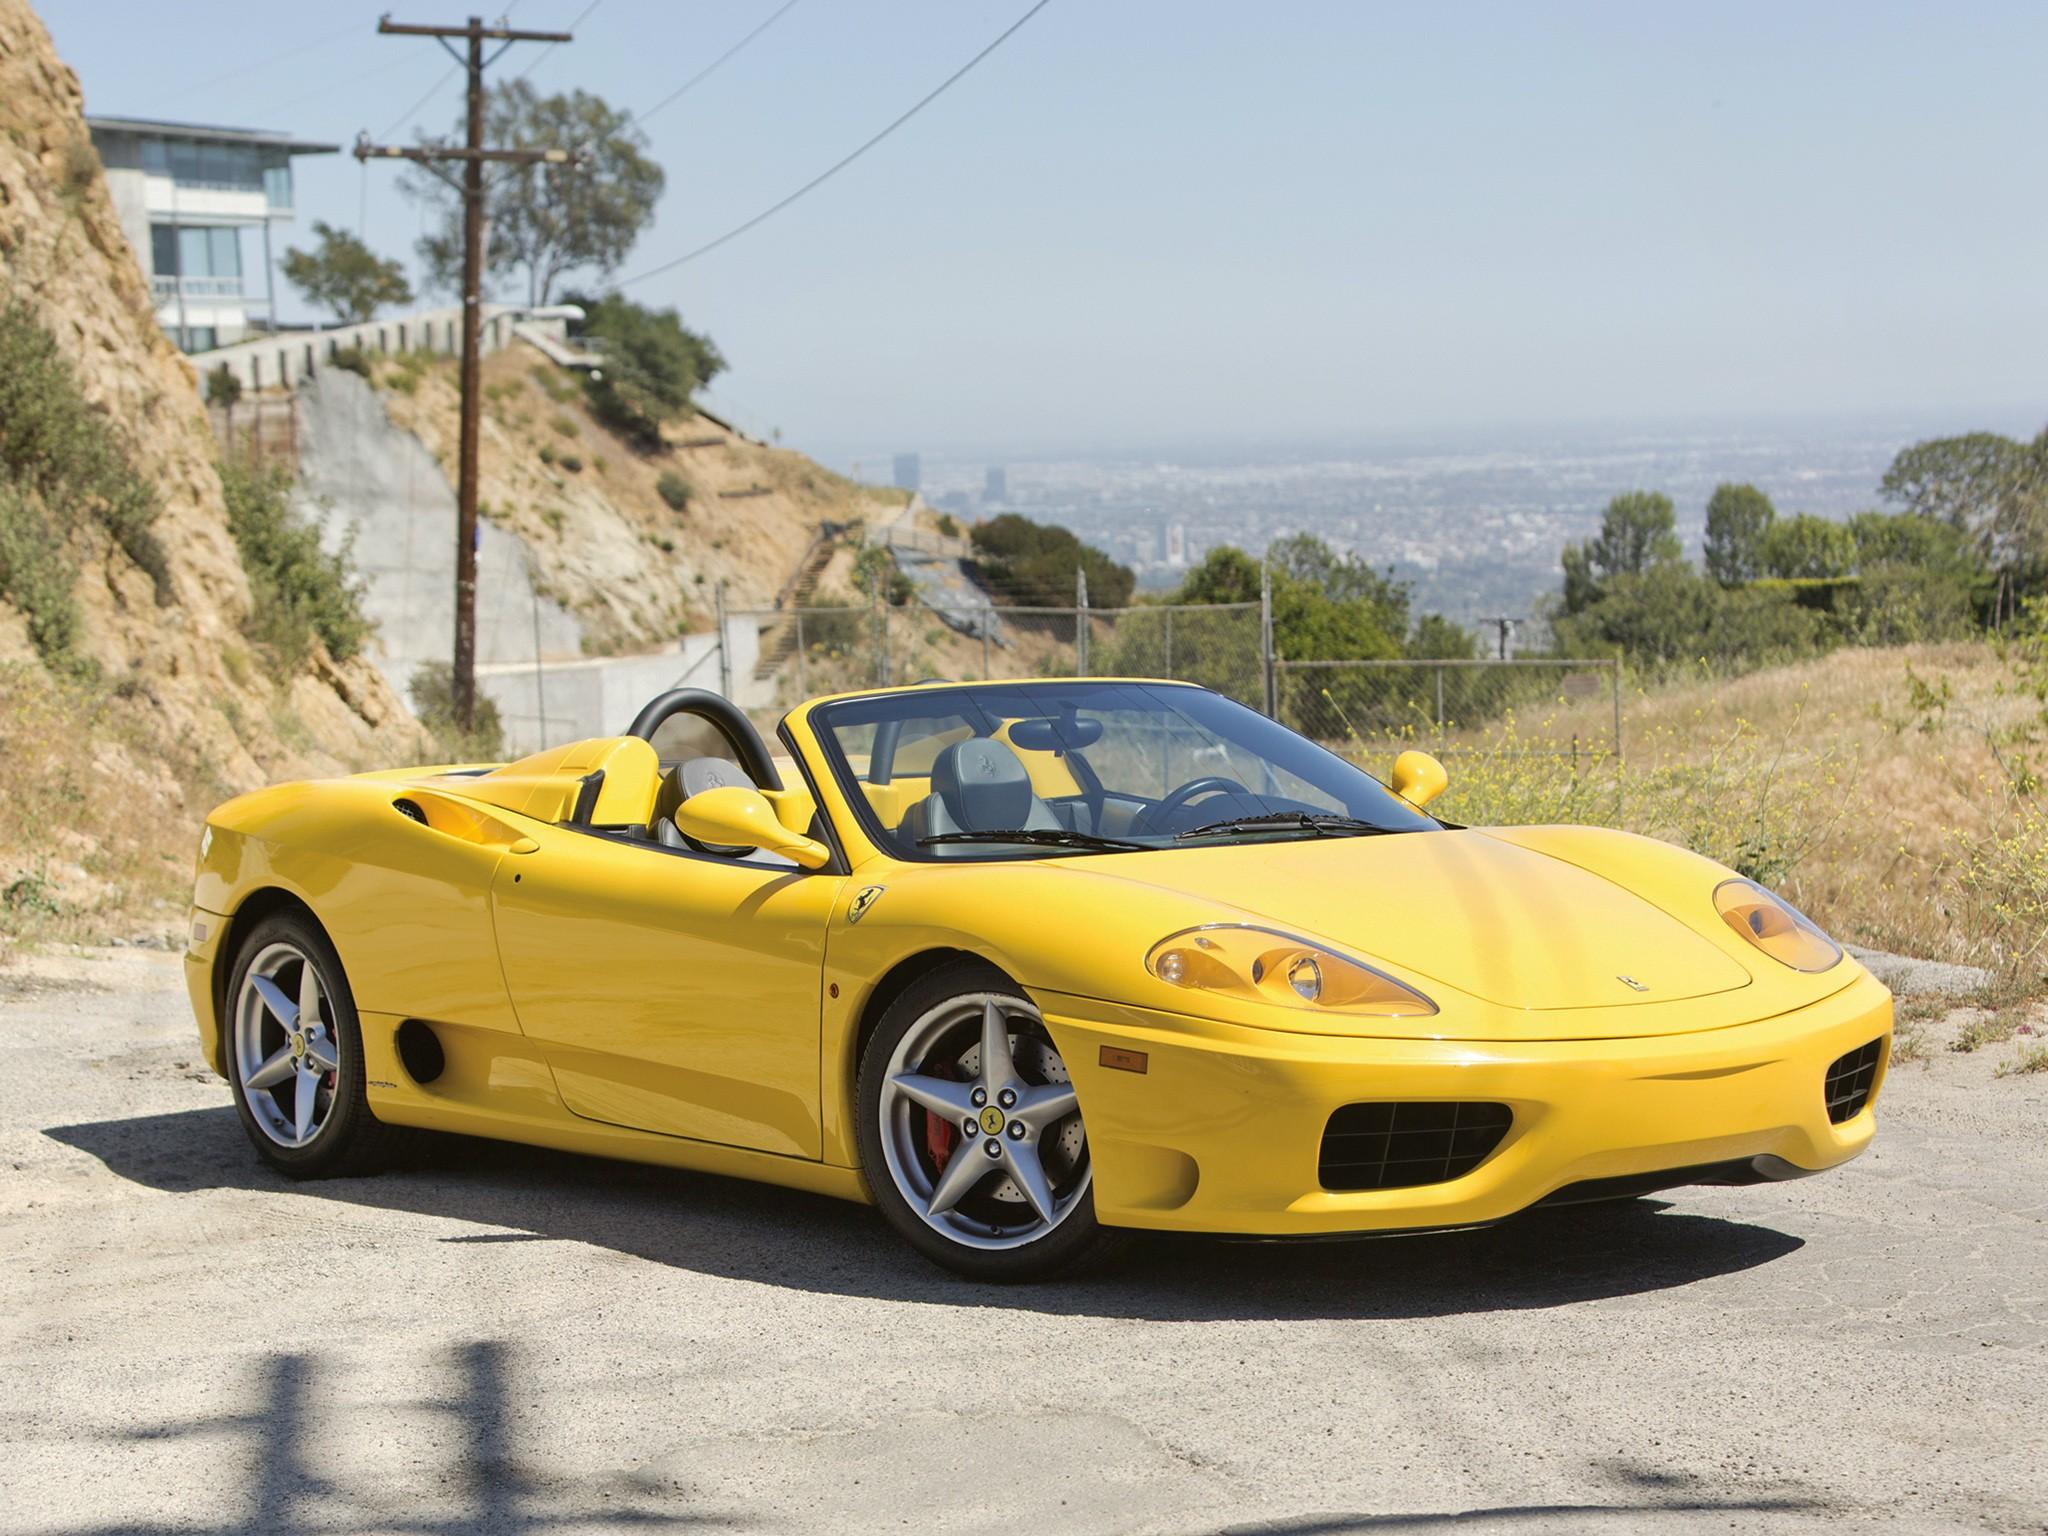 Ferrari 360 Spider Spezifikationen Fotos 2000 2001 2002 2003 2004 2005 Autoevolution In Deutscher Sprache